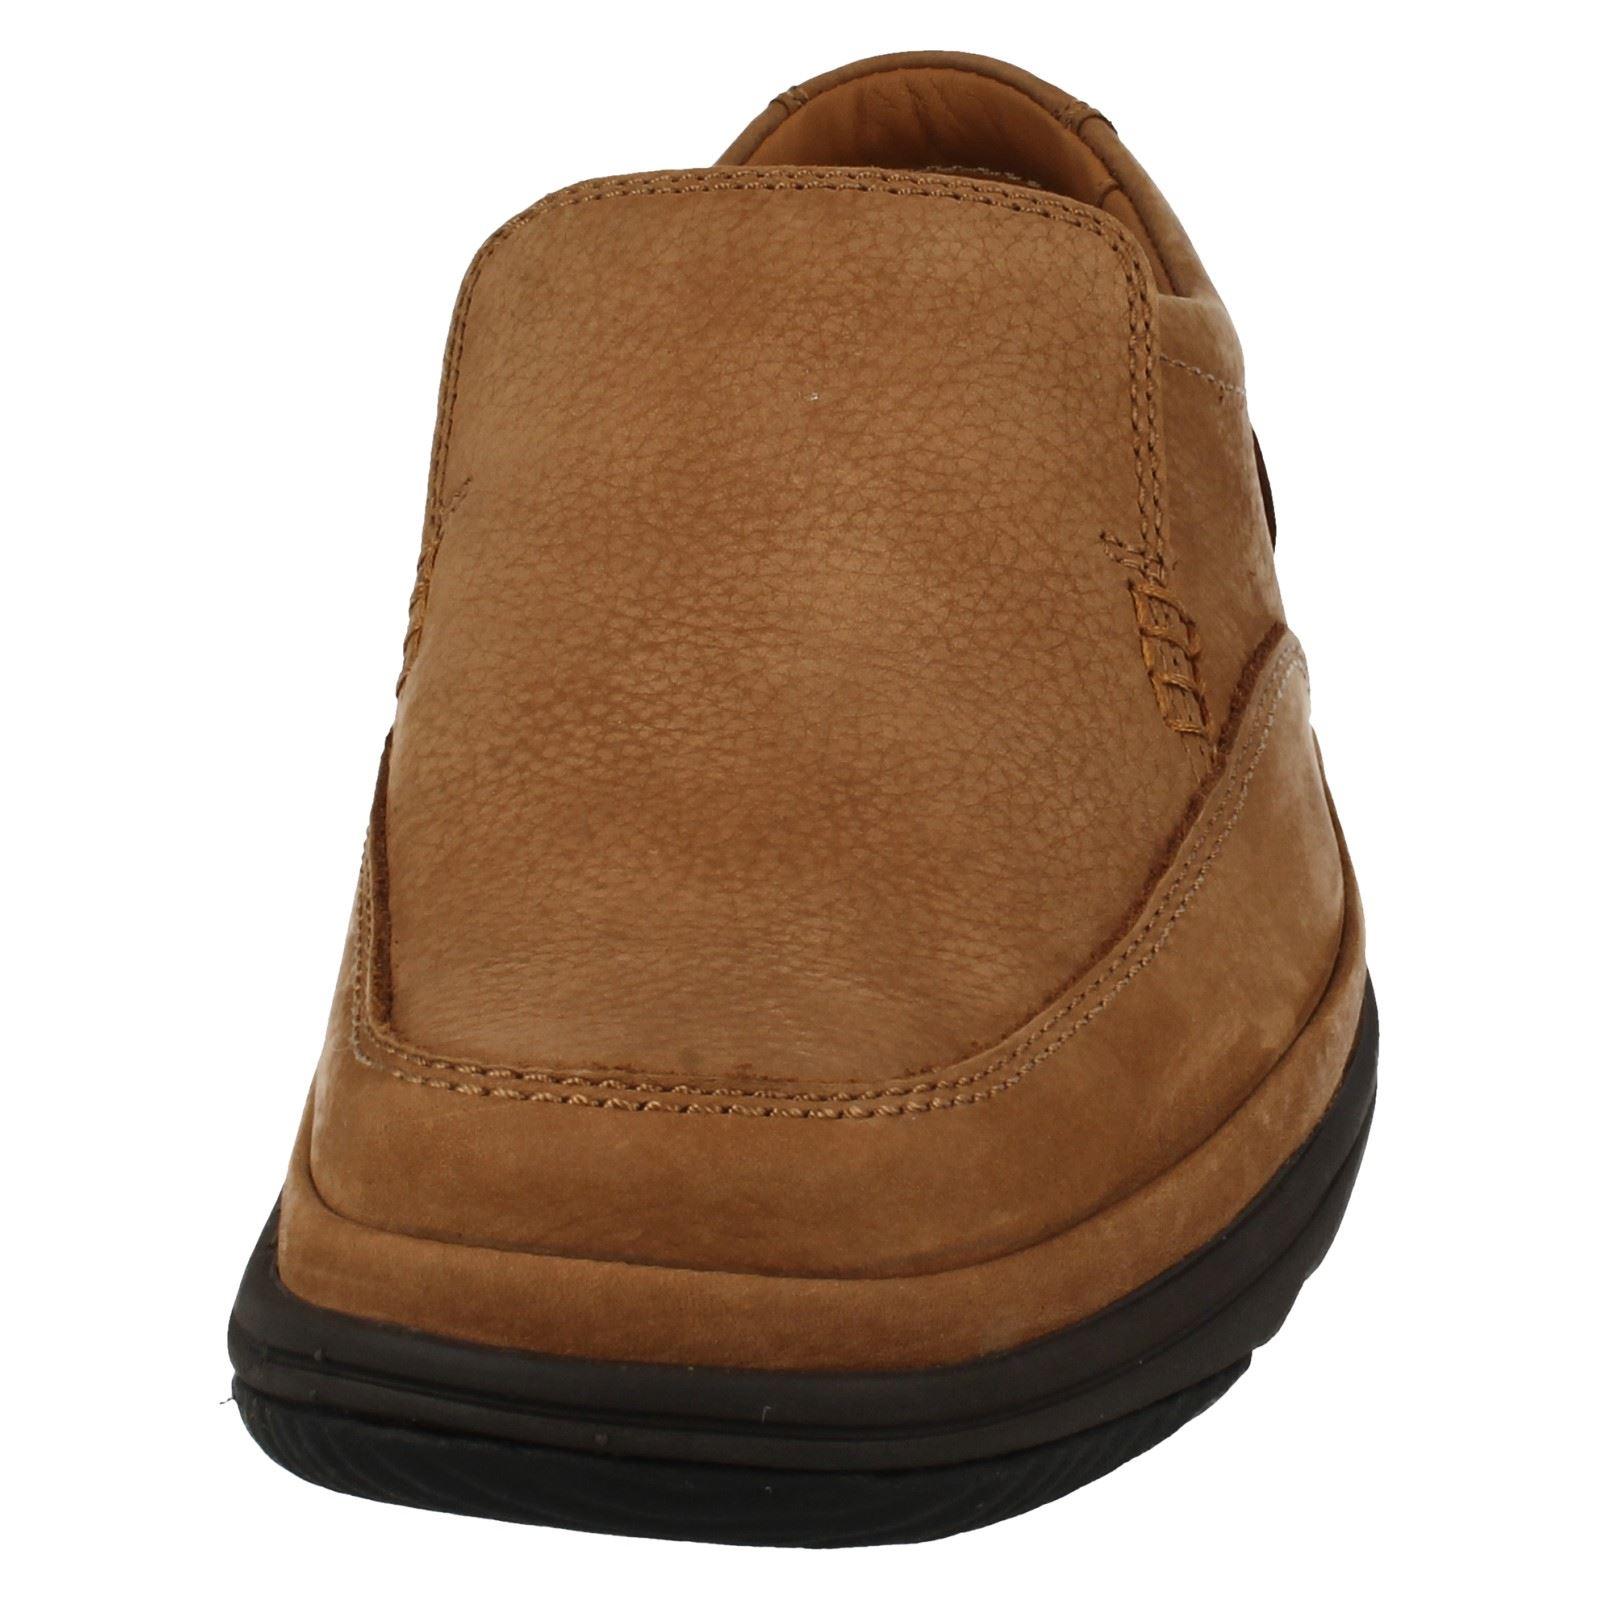 Clarks Shoes Men S  Wide